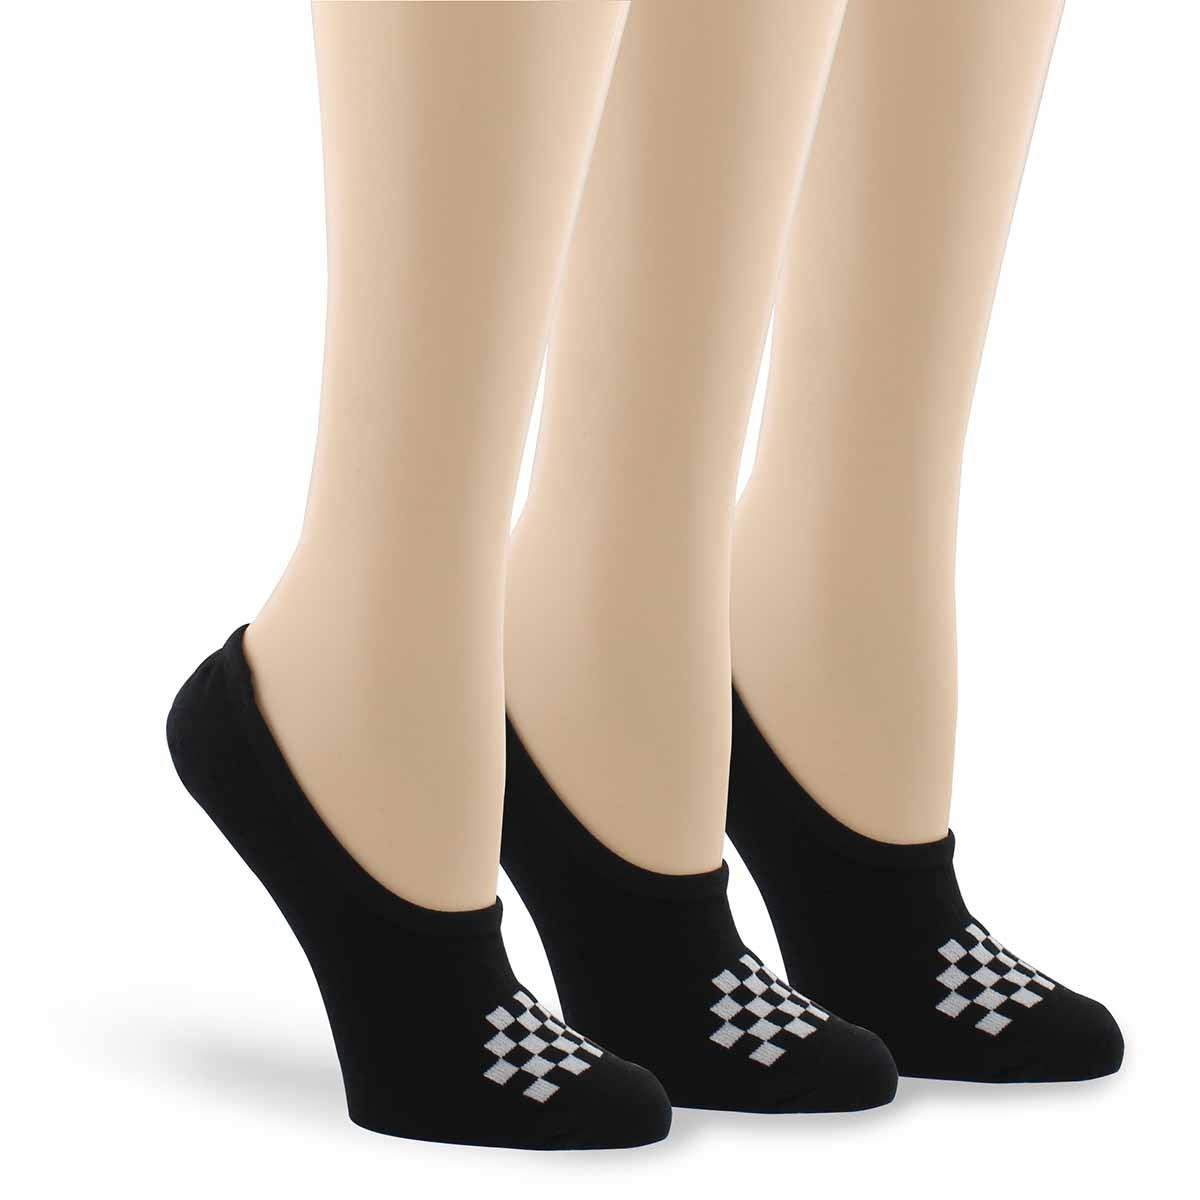 Lds Basic Canoodle bk/wht ankle sock 3p